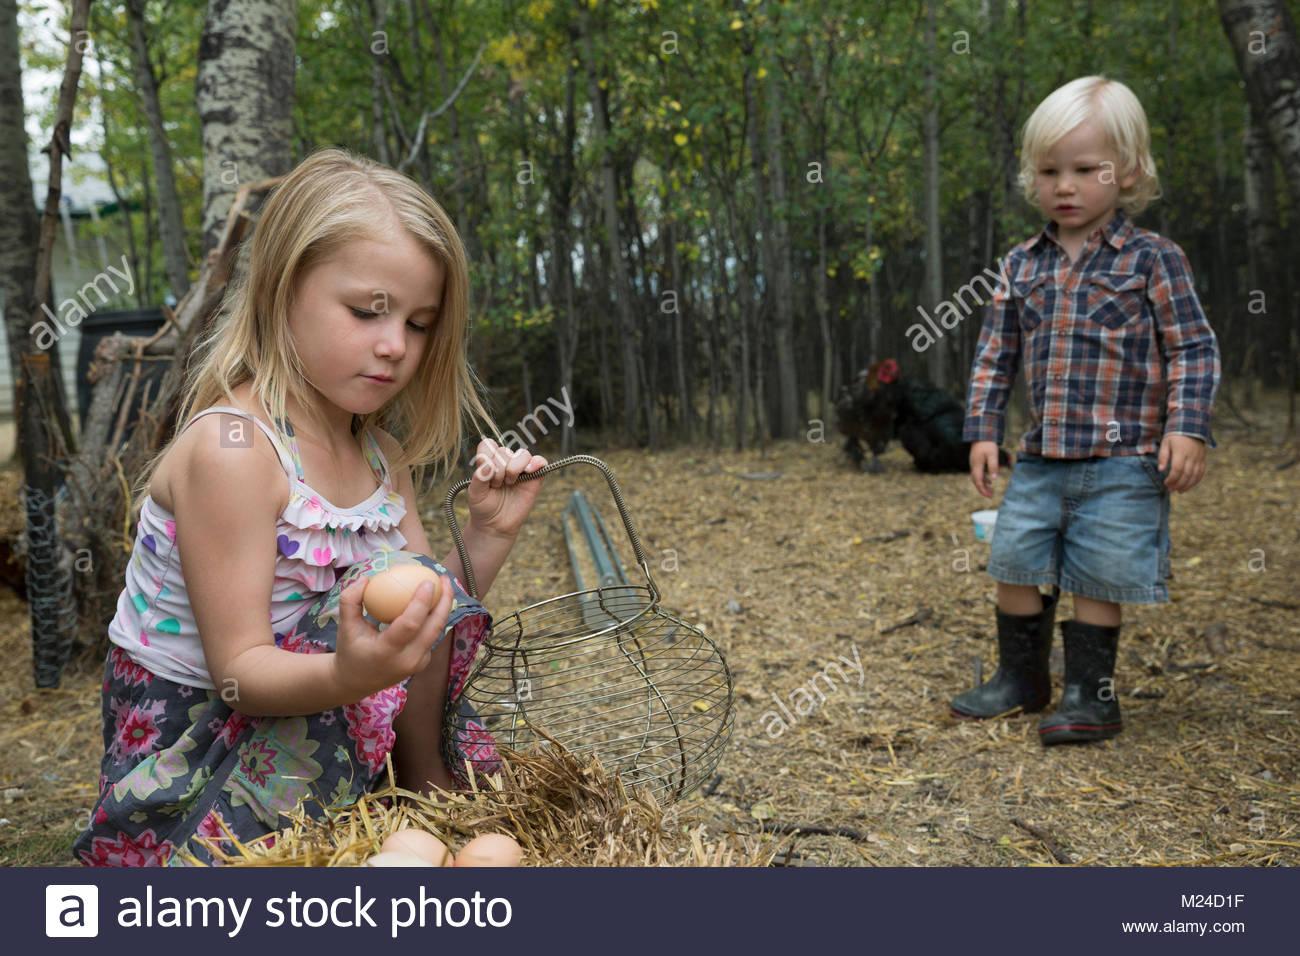 Curieux, frère et sœur blonde oeufs frais de collecte Photo Stock